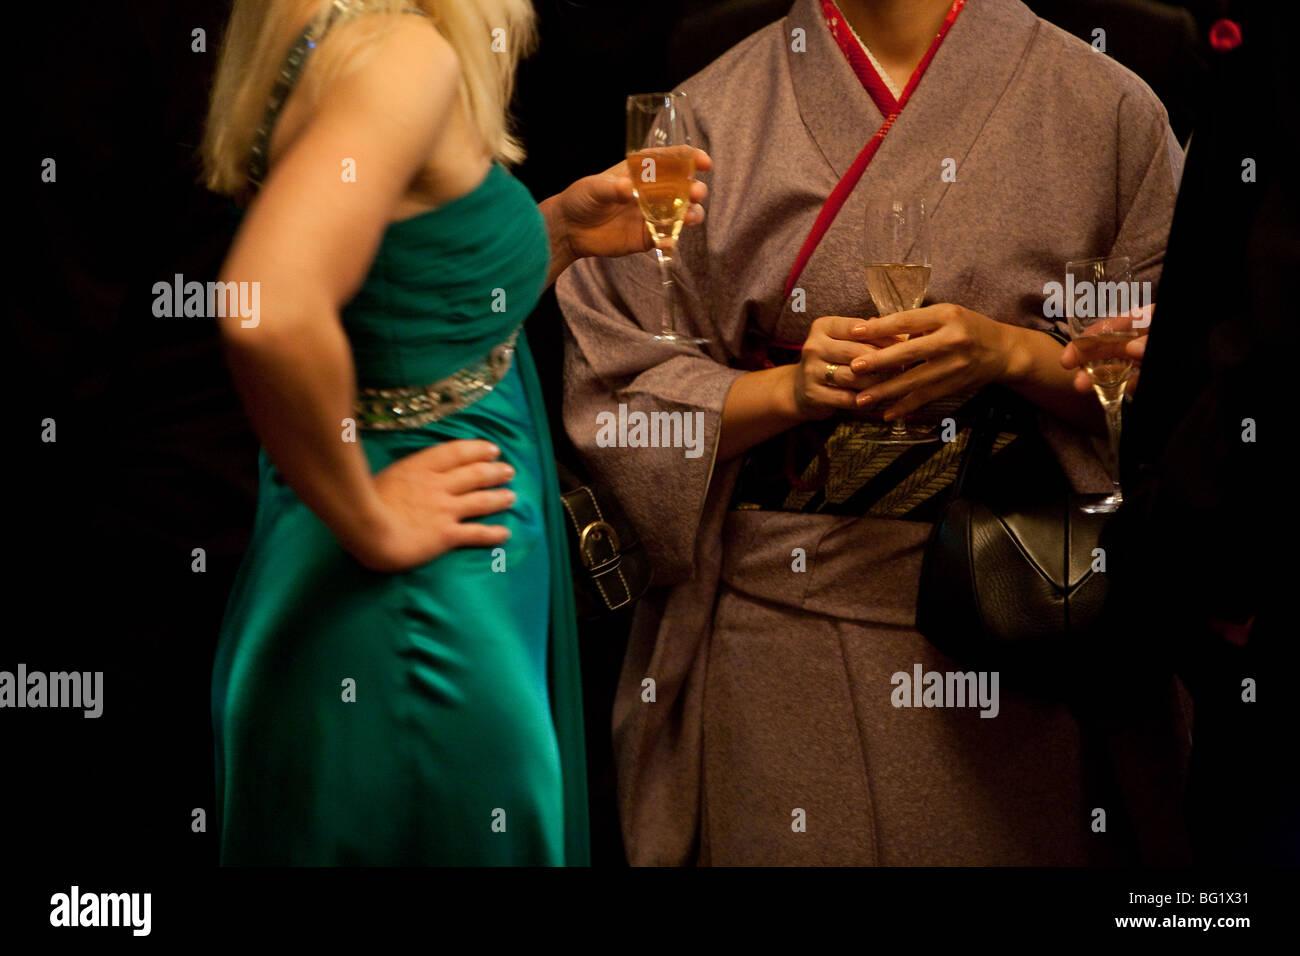 Mujer japonesa en kimono bebiendo champán con mujer en vestidos al estilo occidental. Imagen De Stock